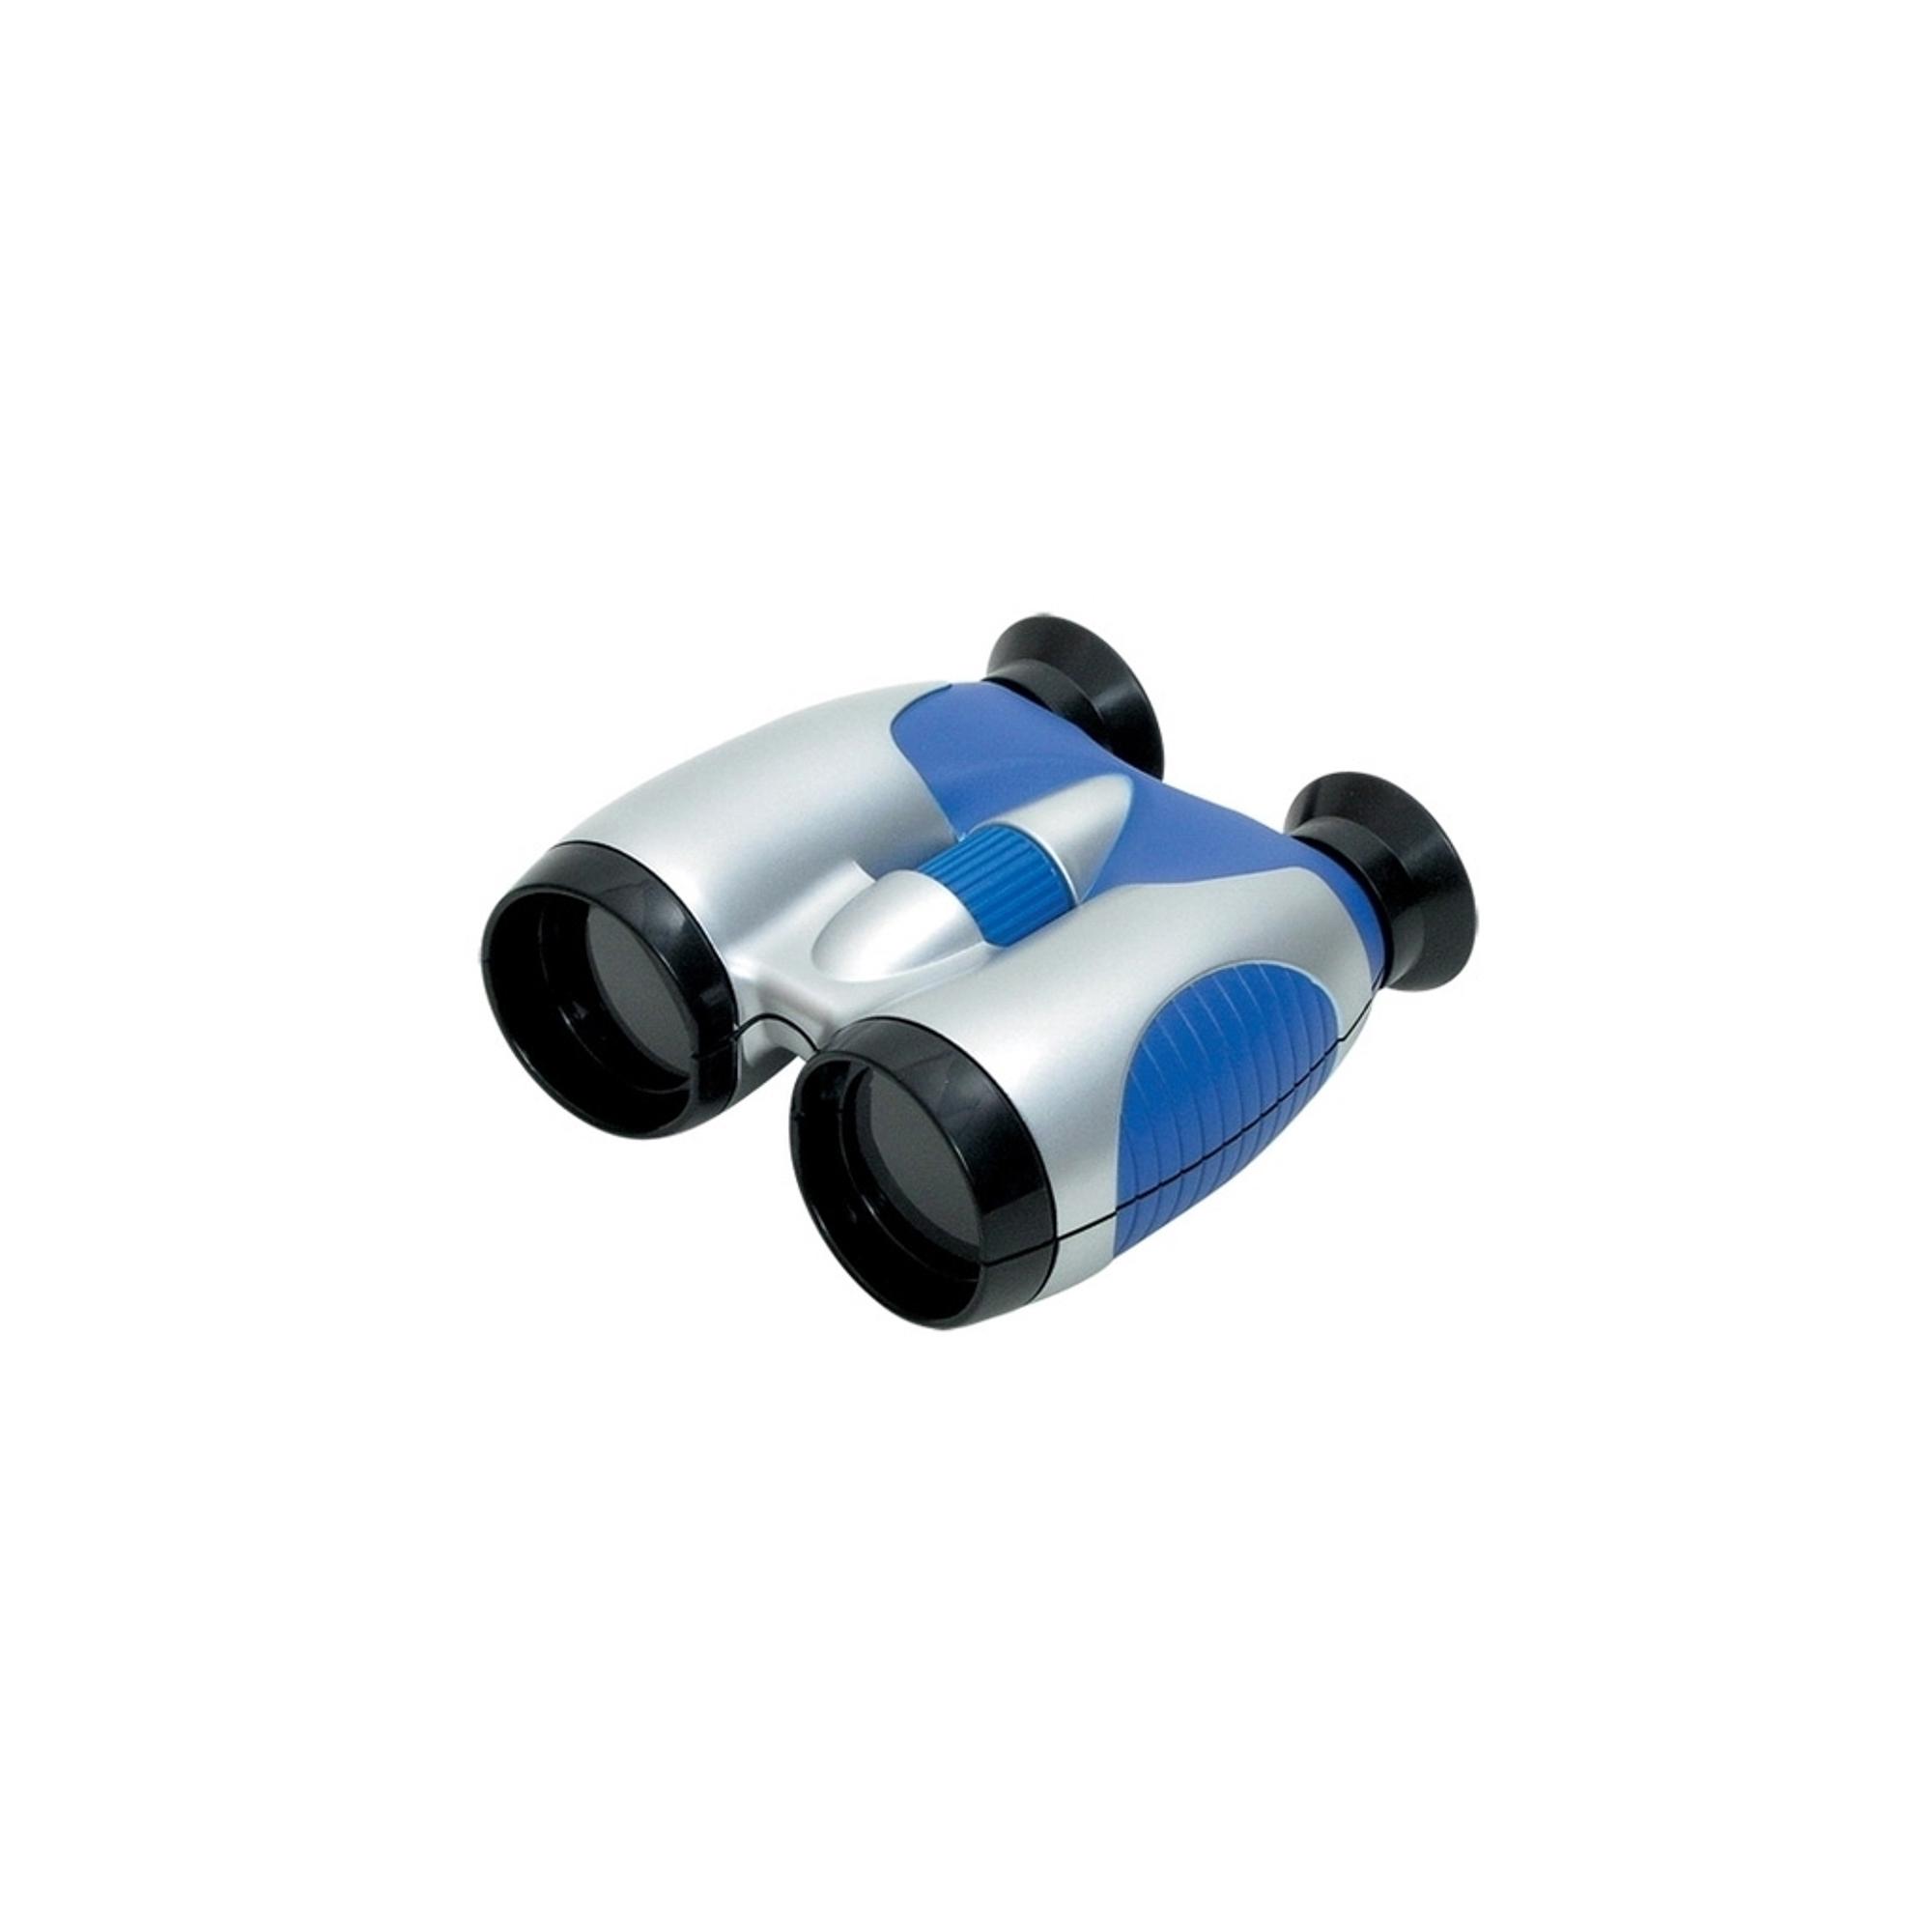 Фото - Игрушка бинокль Edu-toys наборы для опытов и экспериментов edu toys бинокль js006